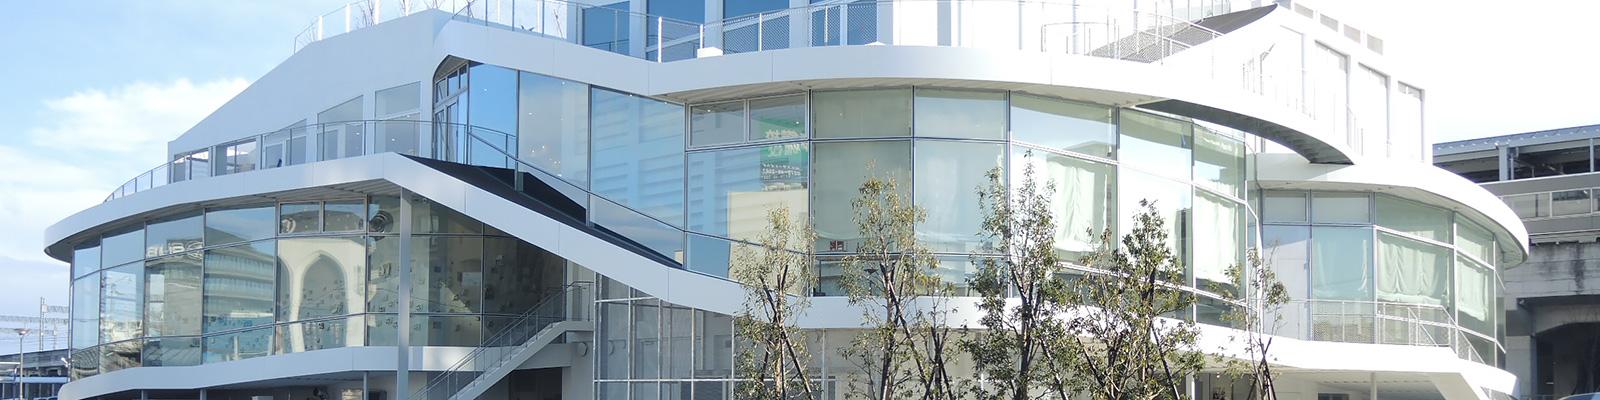 反東京としての地方建築を歩く13 「群馬県の新しいアート・スペース」